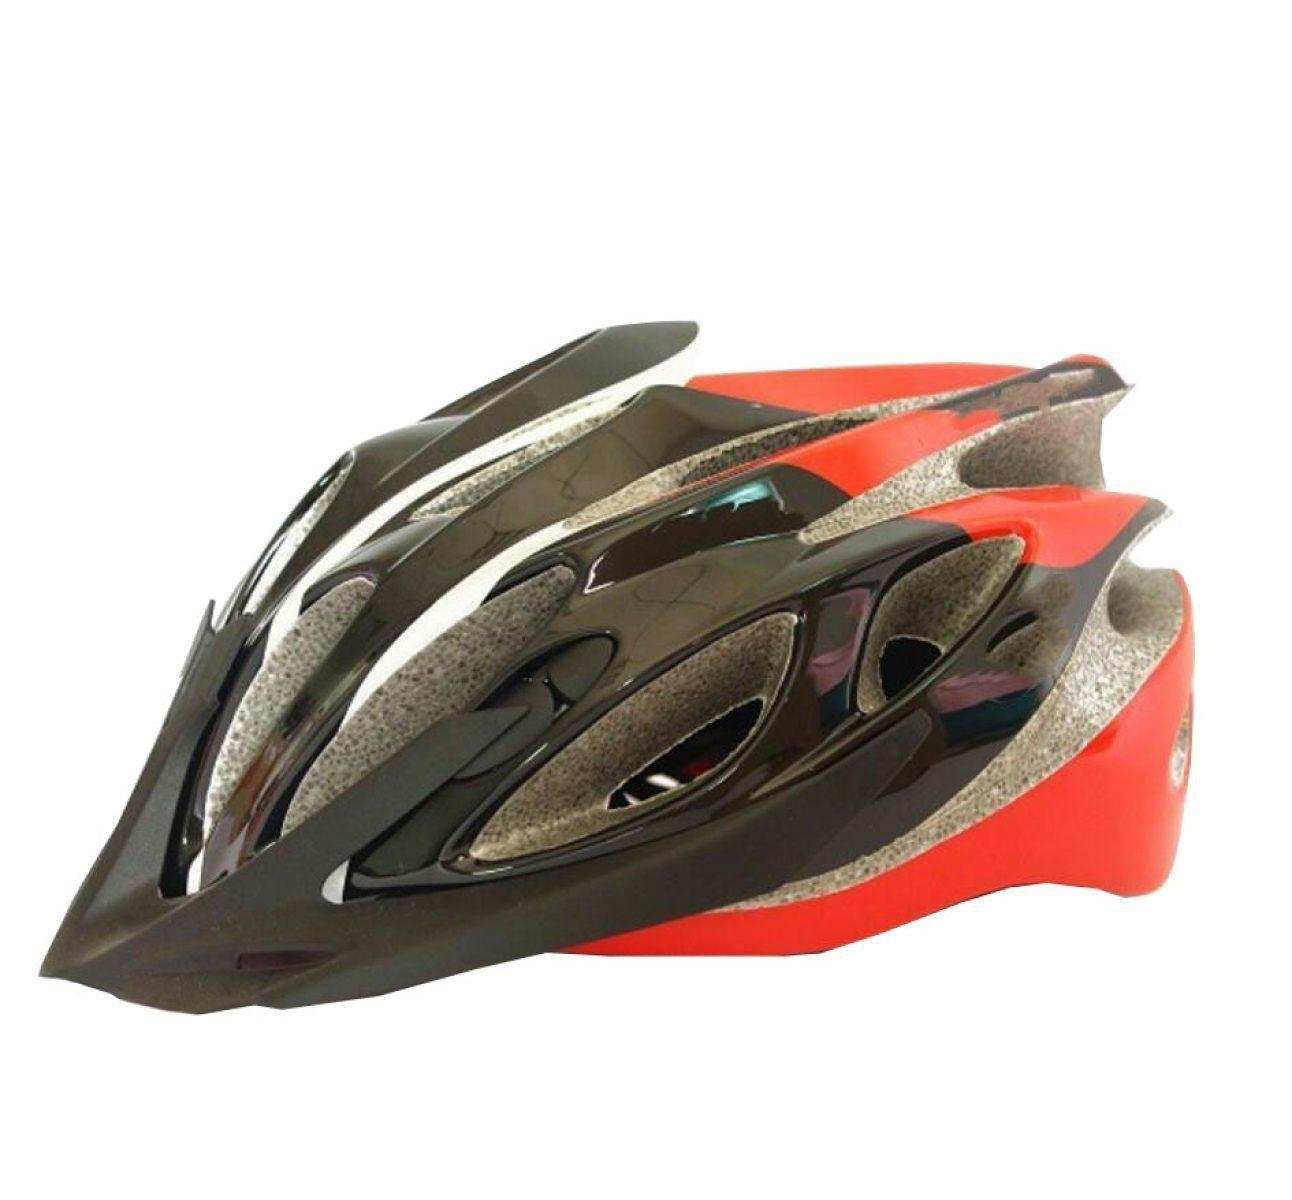 TERMV Highway Mountainbike Helm Integrierter Reithelm Sicherheitsschutz,C